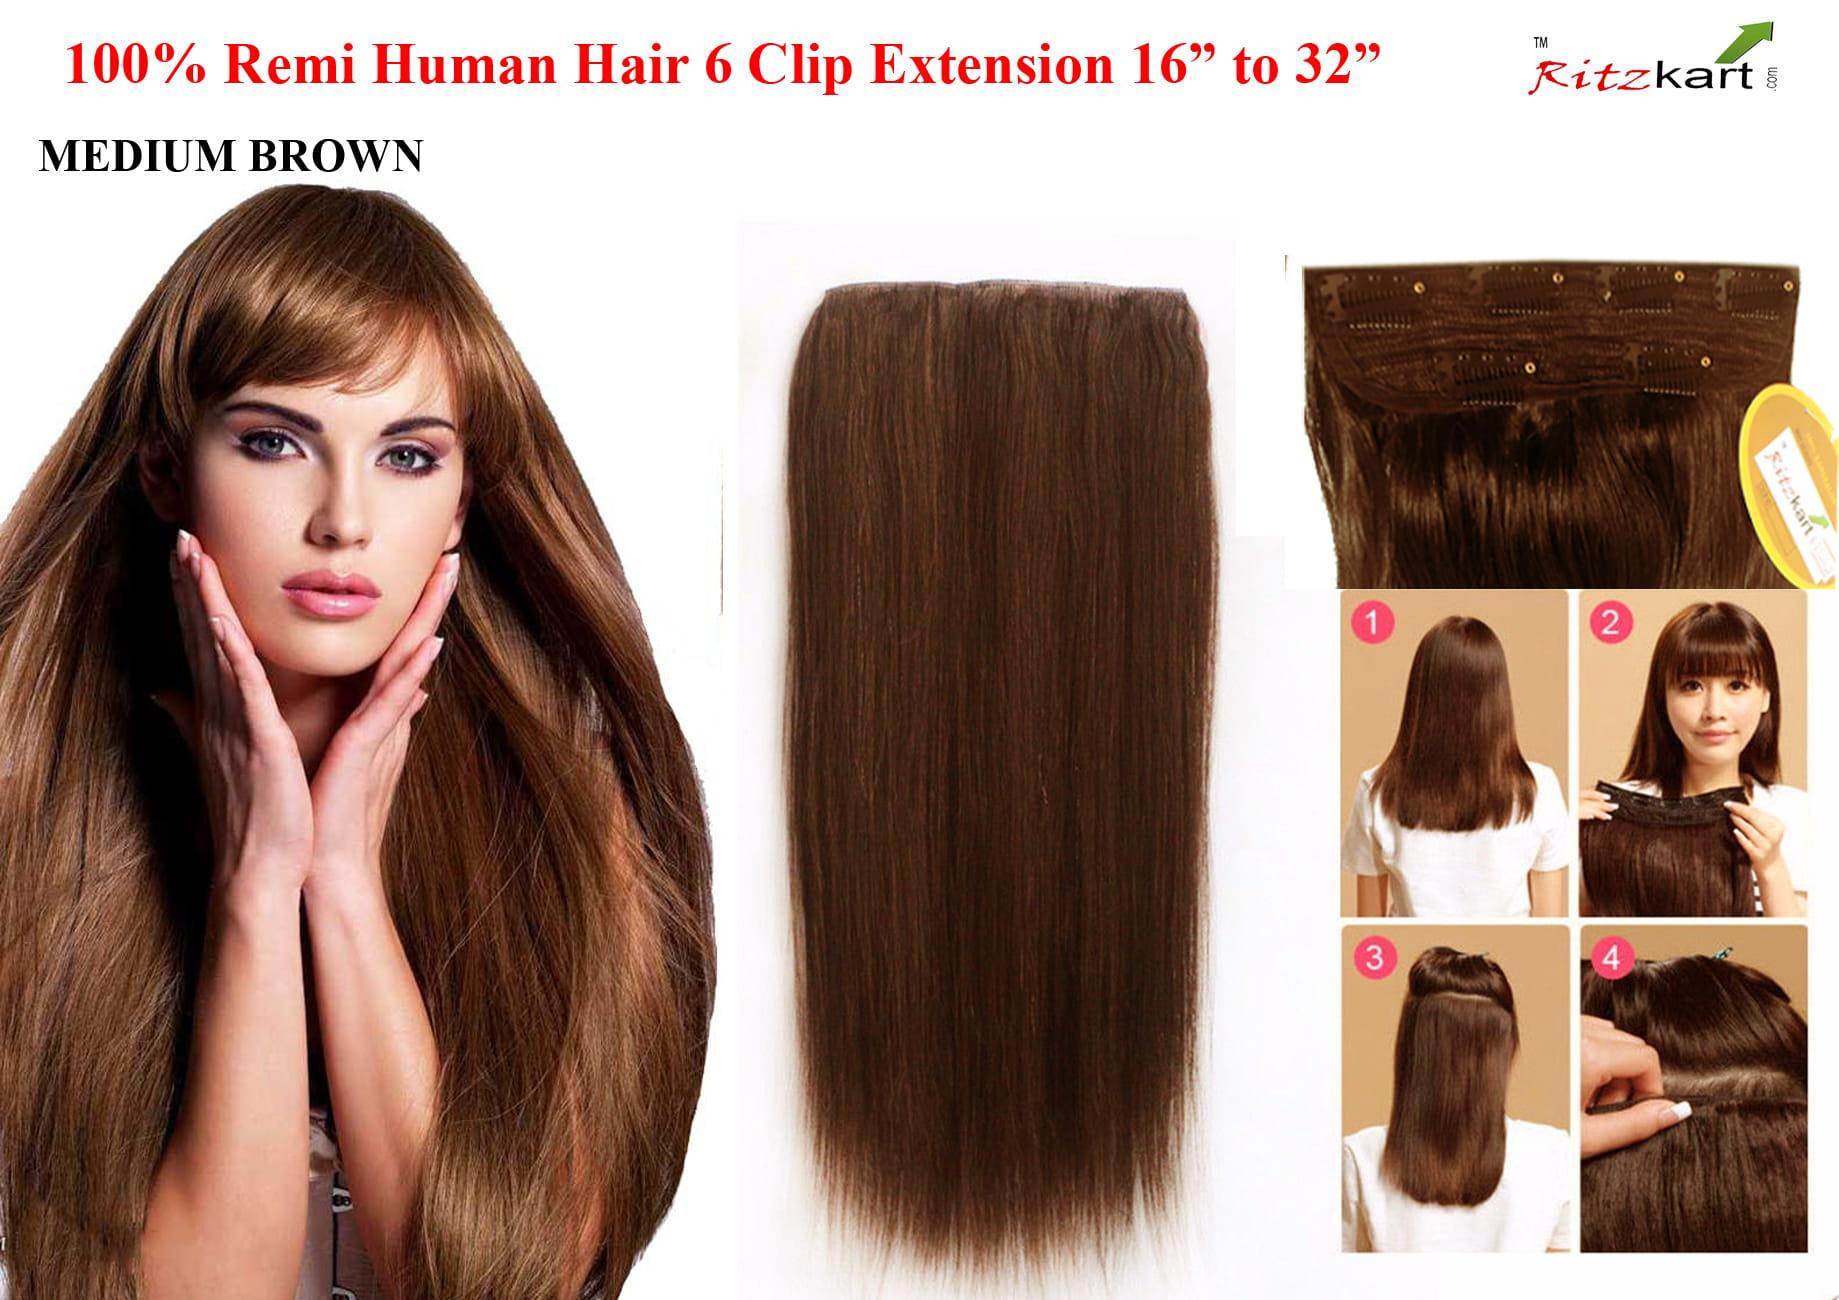 Ritzkart 6 Clip 24 Inch Medium Brown Remi Human Soft Hair